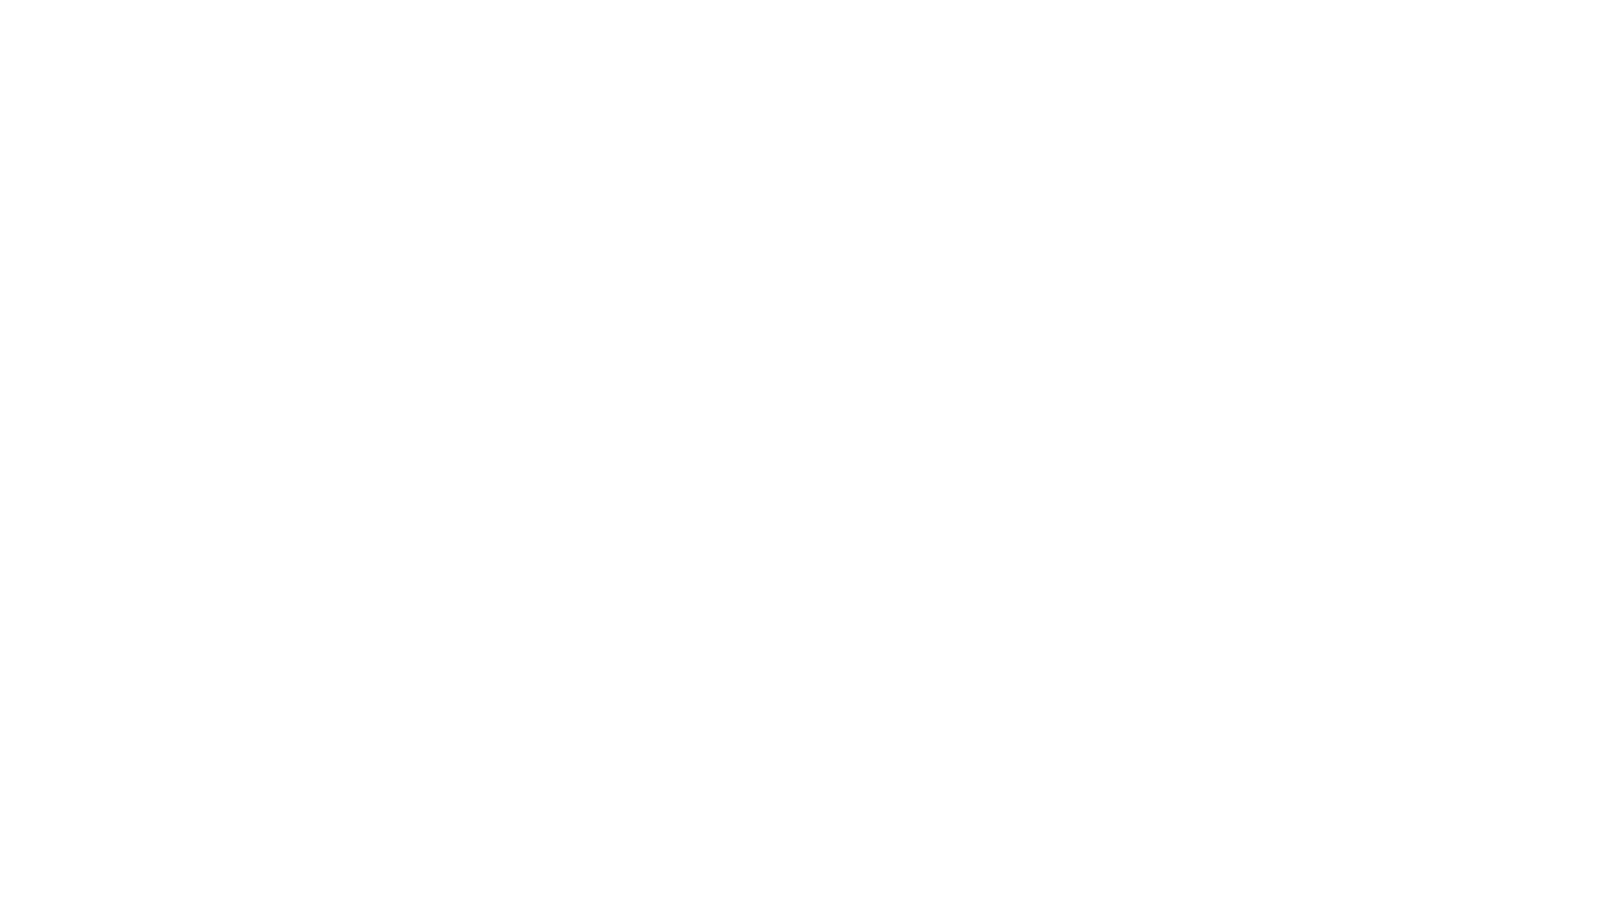 """L'intuition est une faculté intérieure, qui nous permet de nous guider afin d'accomplir notre plein potentiel.  L'oracle dont je parle dans cette vidéo est """"Les portes de l'intuition"""" de Vanessa MIELCZARECK et Brigitte BARBERANE : https://www.editions-tredaniel.com/les-portes-de-lintuition-coffret-p-4304.html  Delatêteaucoeur.com :  https://delateteaucoeur.com/l-intuition-boussole-interieure-d-une-destination-inconnue/"""